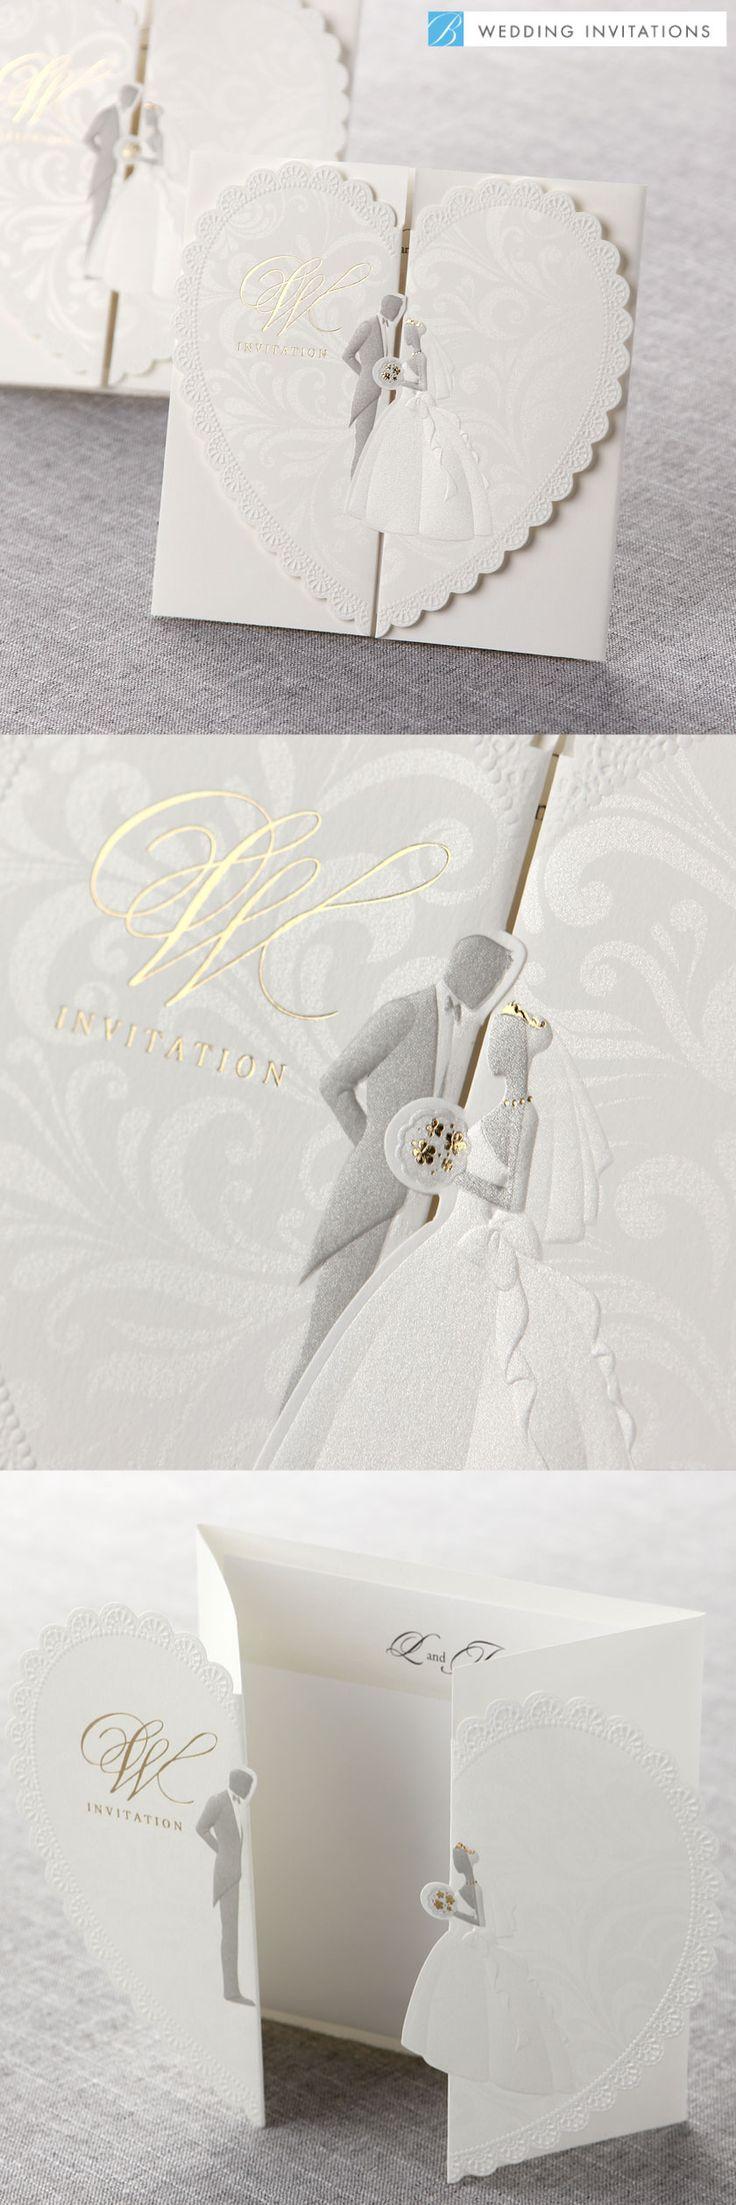 Embossed Wedding Couple by B Wedding Invitations  #weddinginvitations  #wedding  #invitations